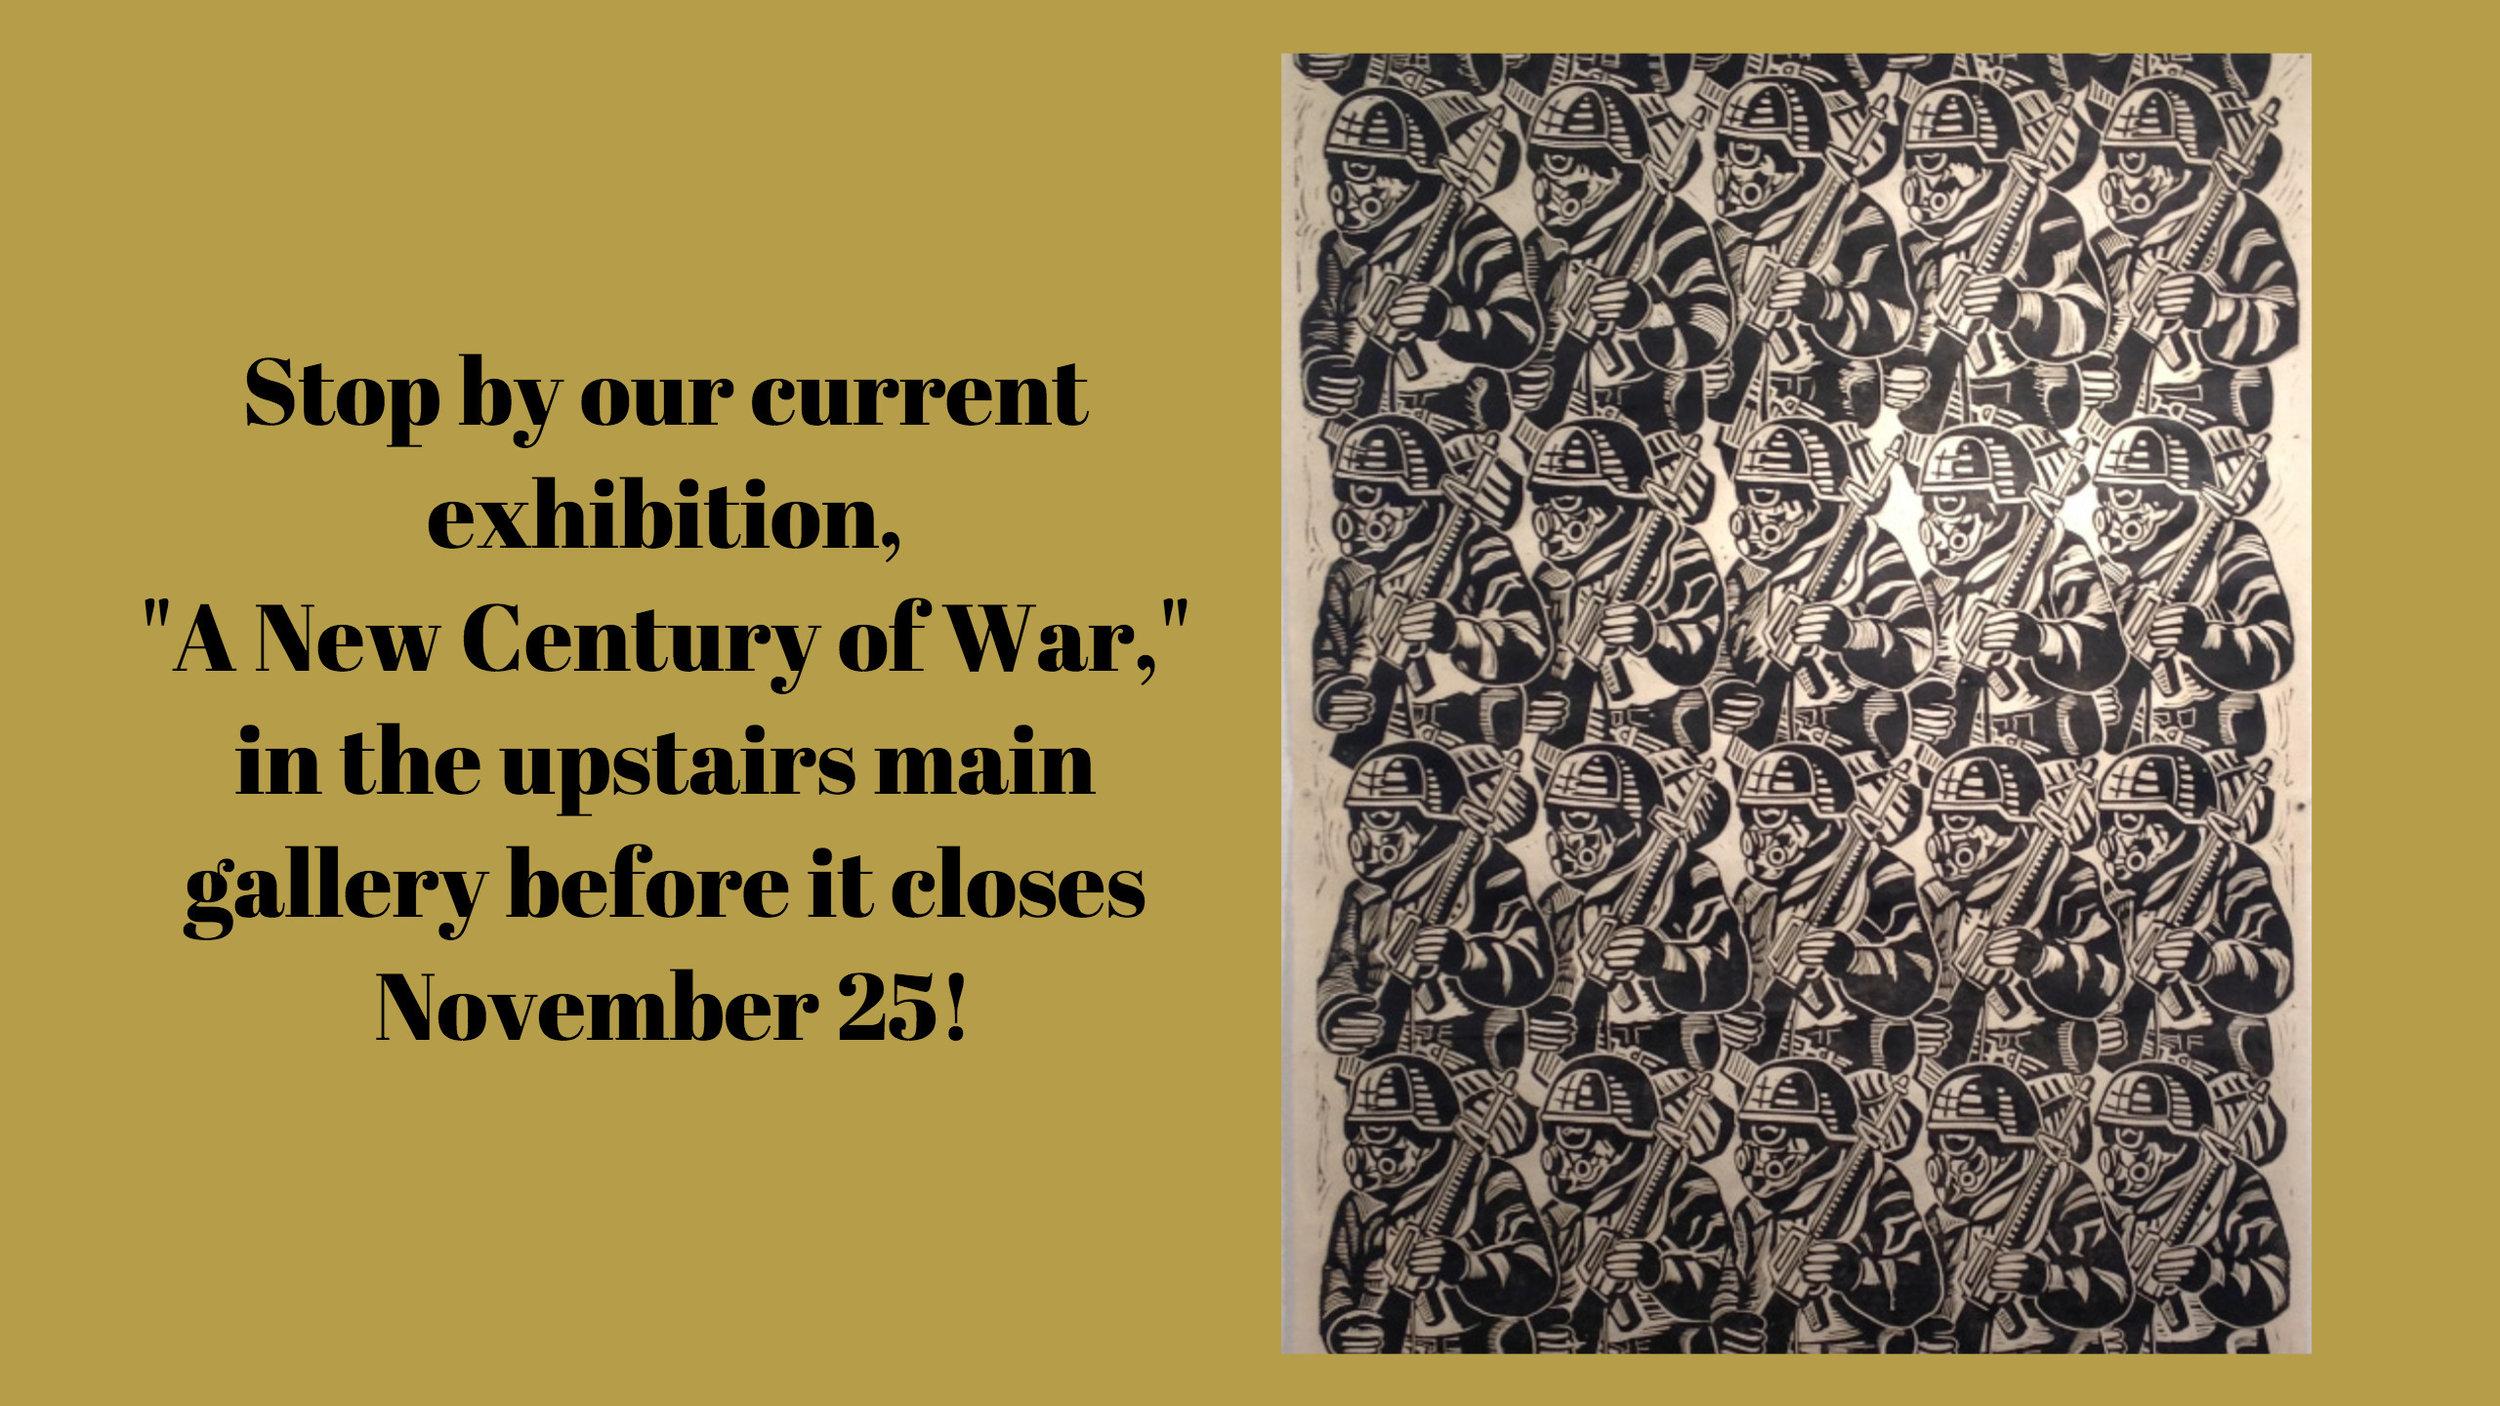 A New Century of War.jpg